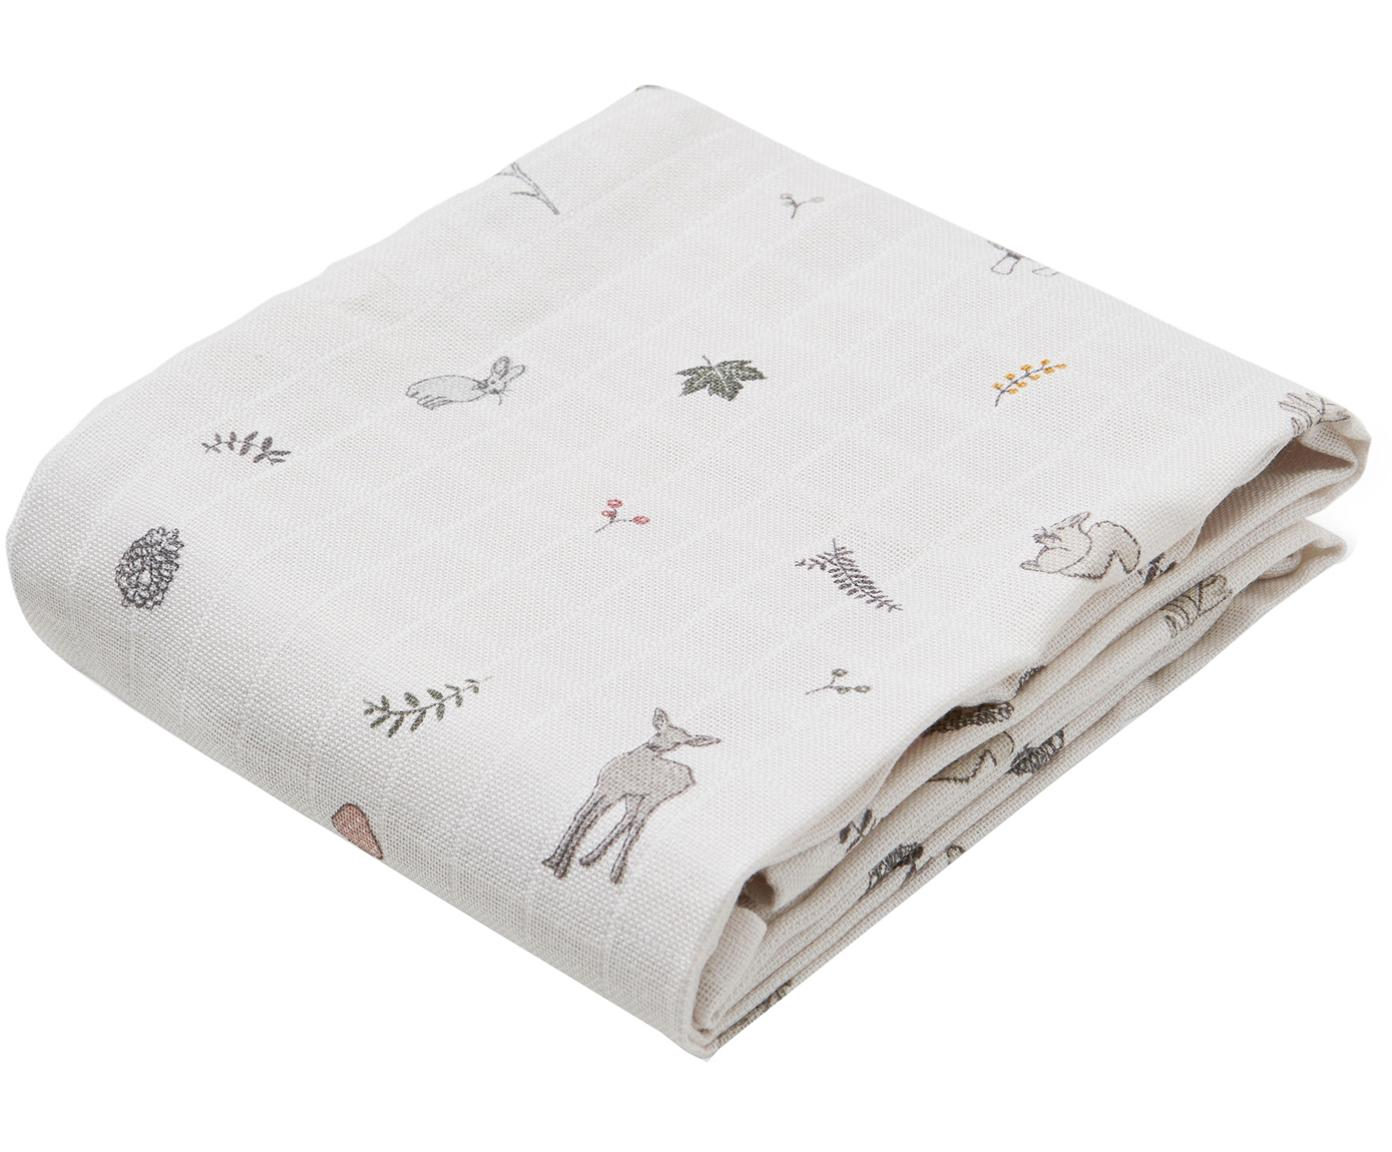 Mulltücher Fawn aus Bio-Baumwolle, 2 Stück, Bio-Baumwolle, GOTS-zertifiziert, Weiß, Braun, Beige, Gelb, Rosa, Grün, 70 x 70 cm